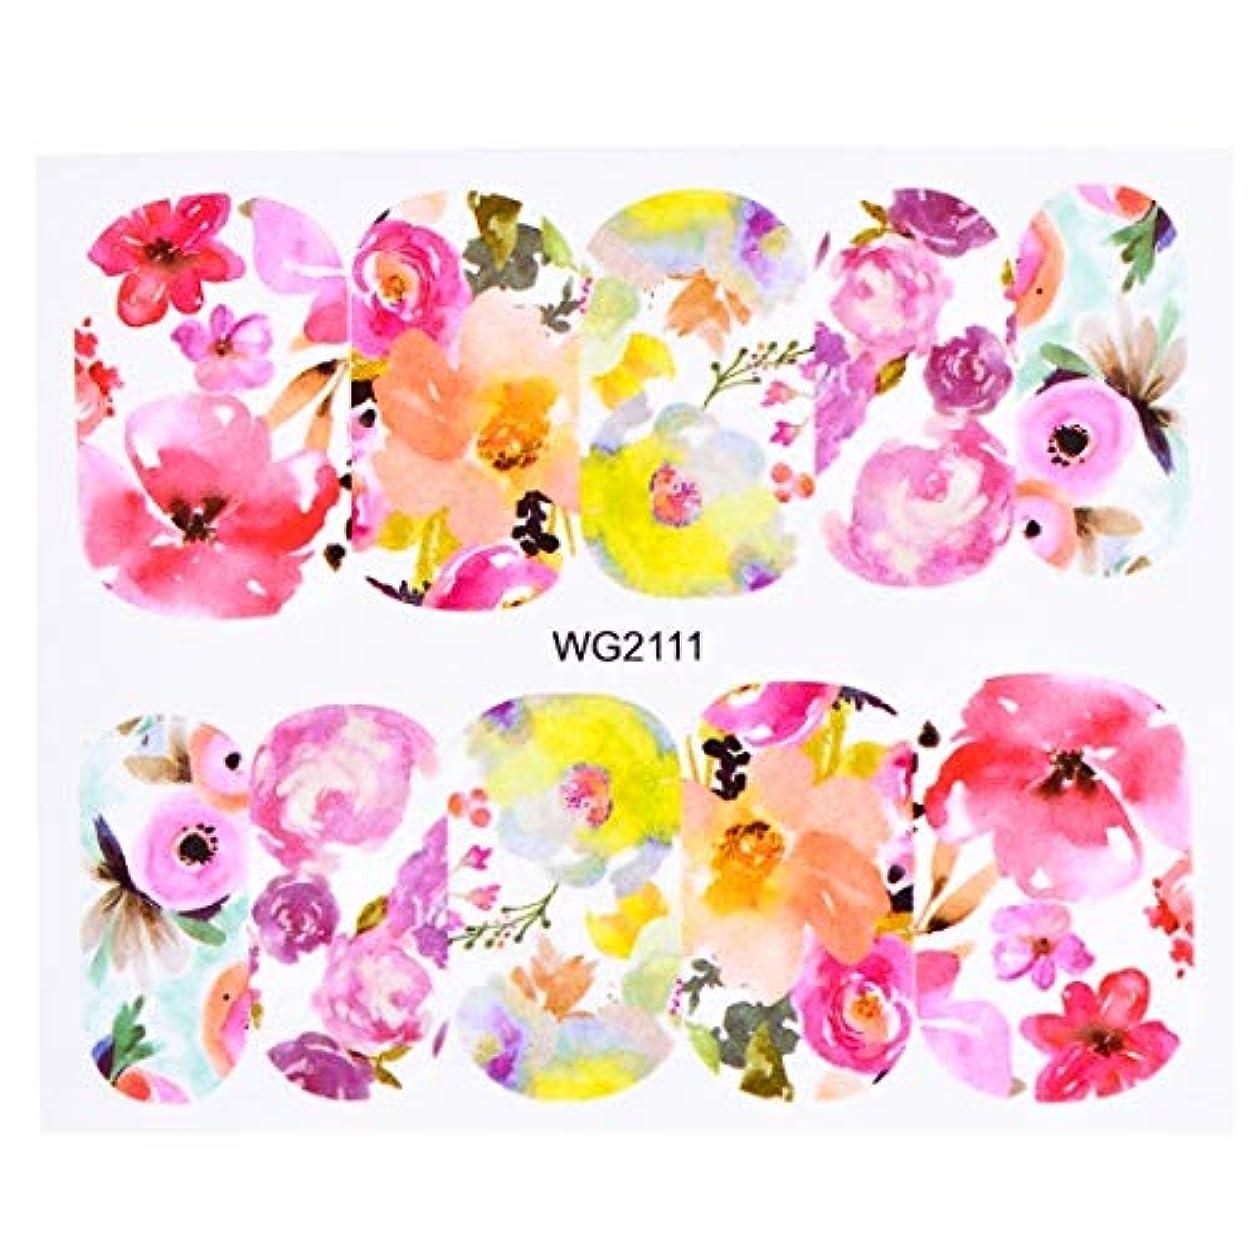 ビューティー&パーソナルケア 10個入りフラワーネイルアートデカール(WG2111) ステッカー&デカール (色 : WG2111)